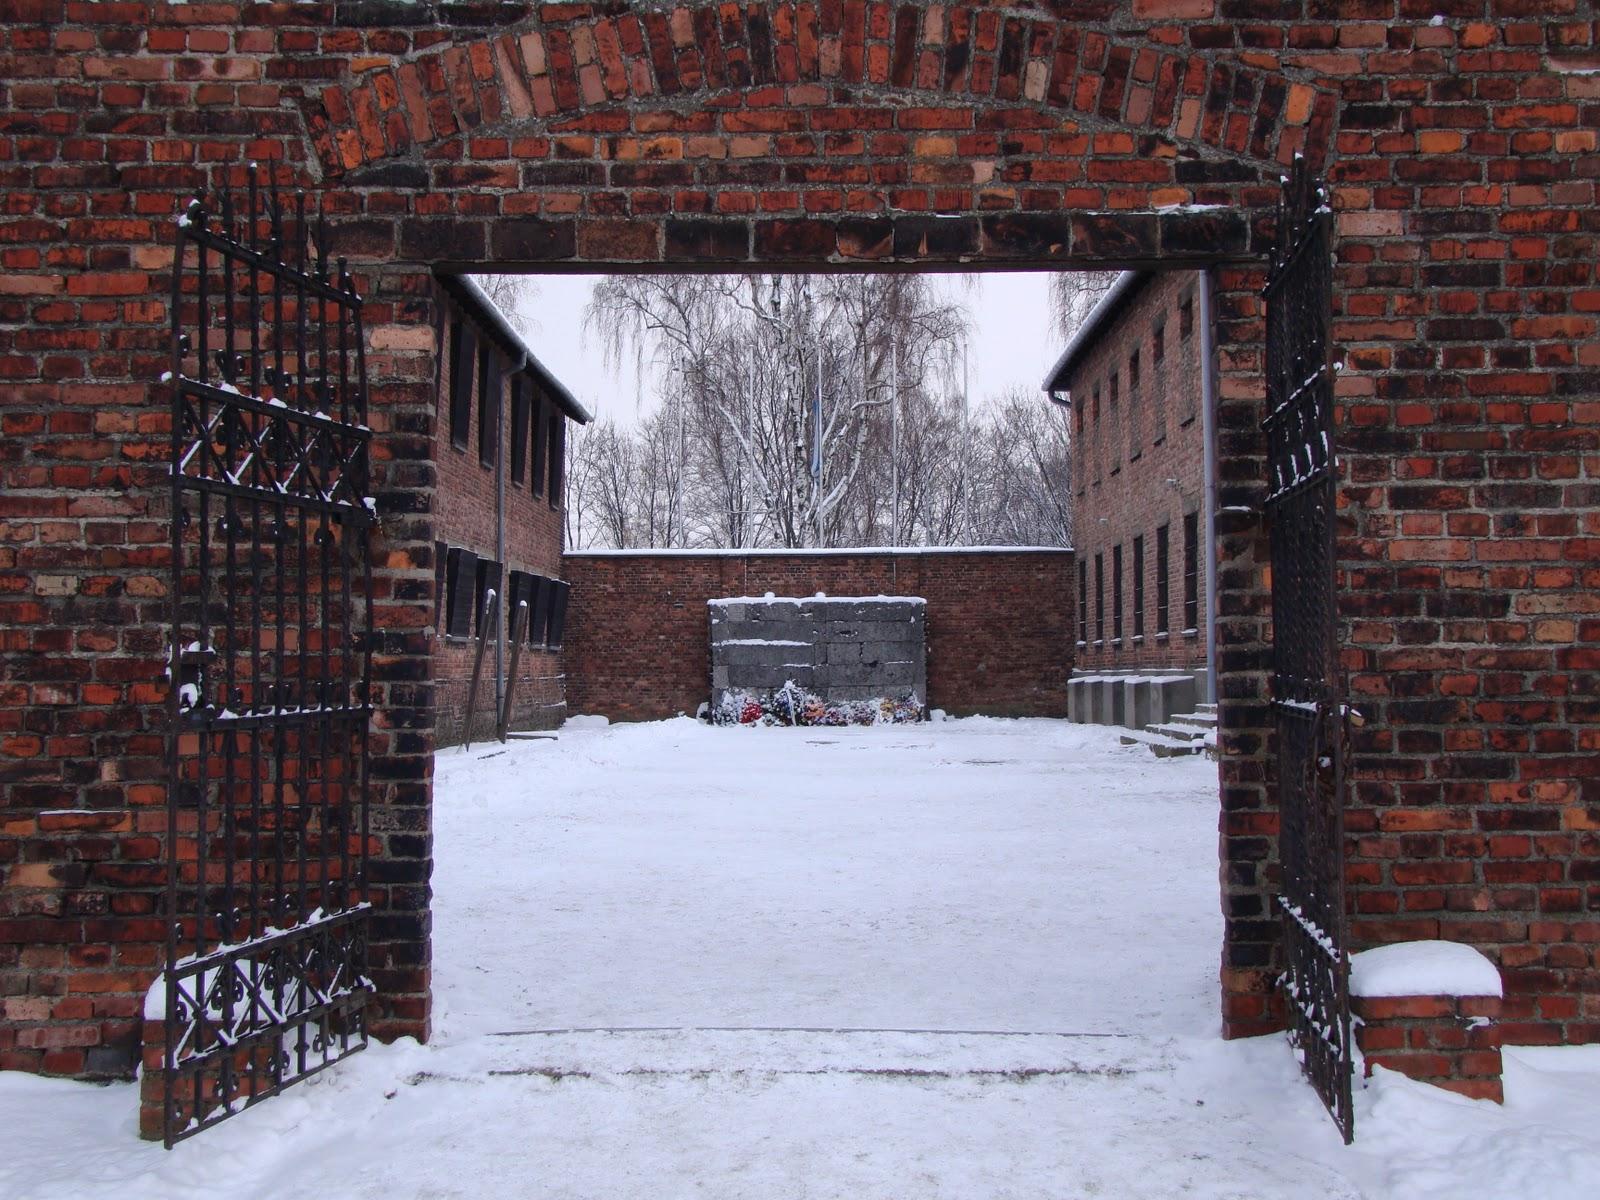 Auschwitz 2012: Auschwitz 1: The Wall of Death